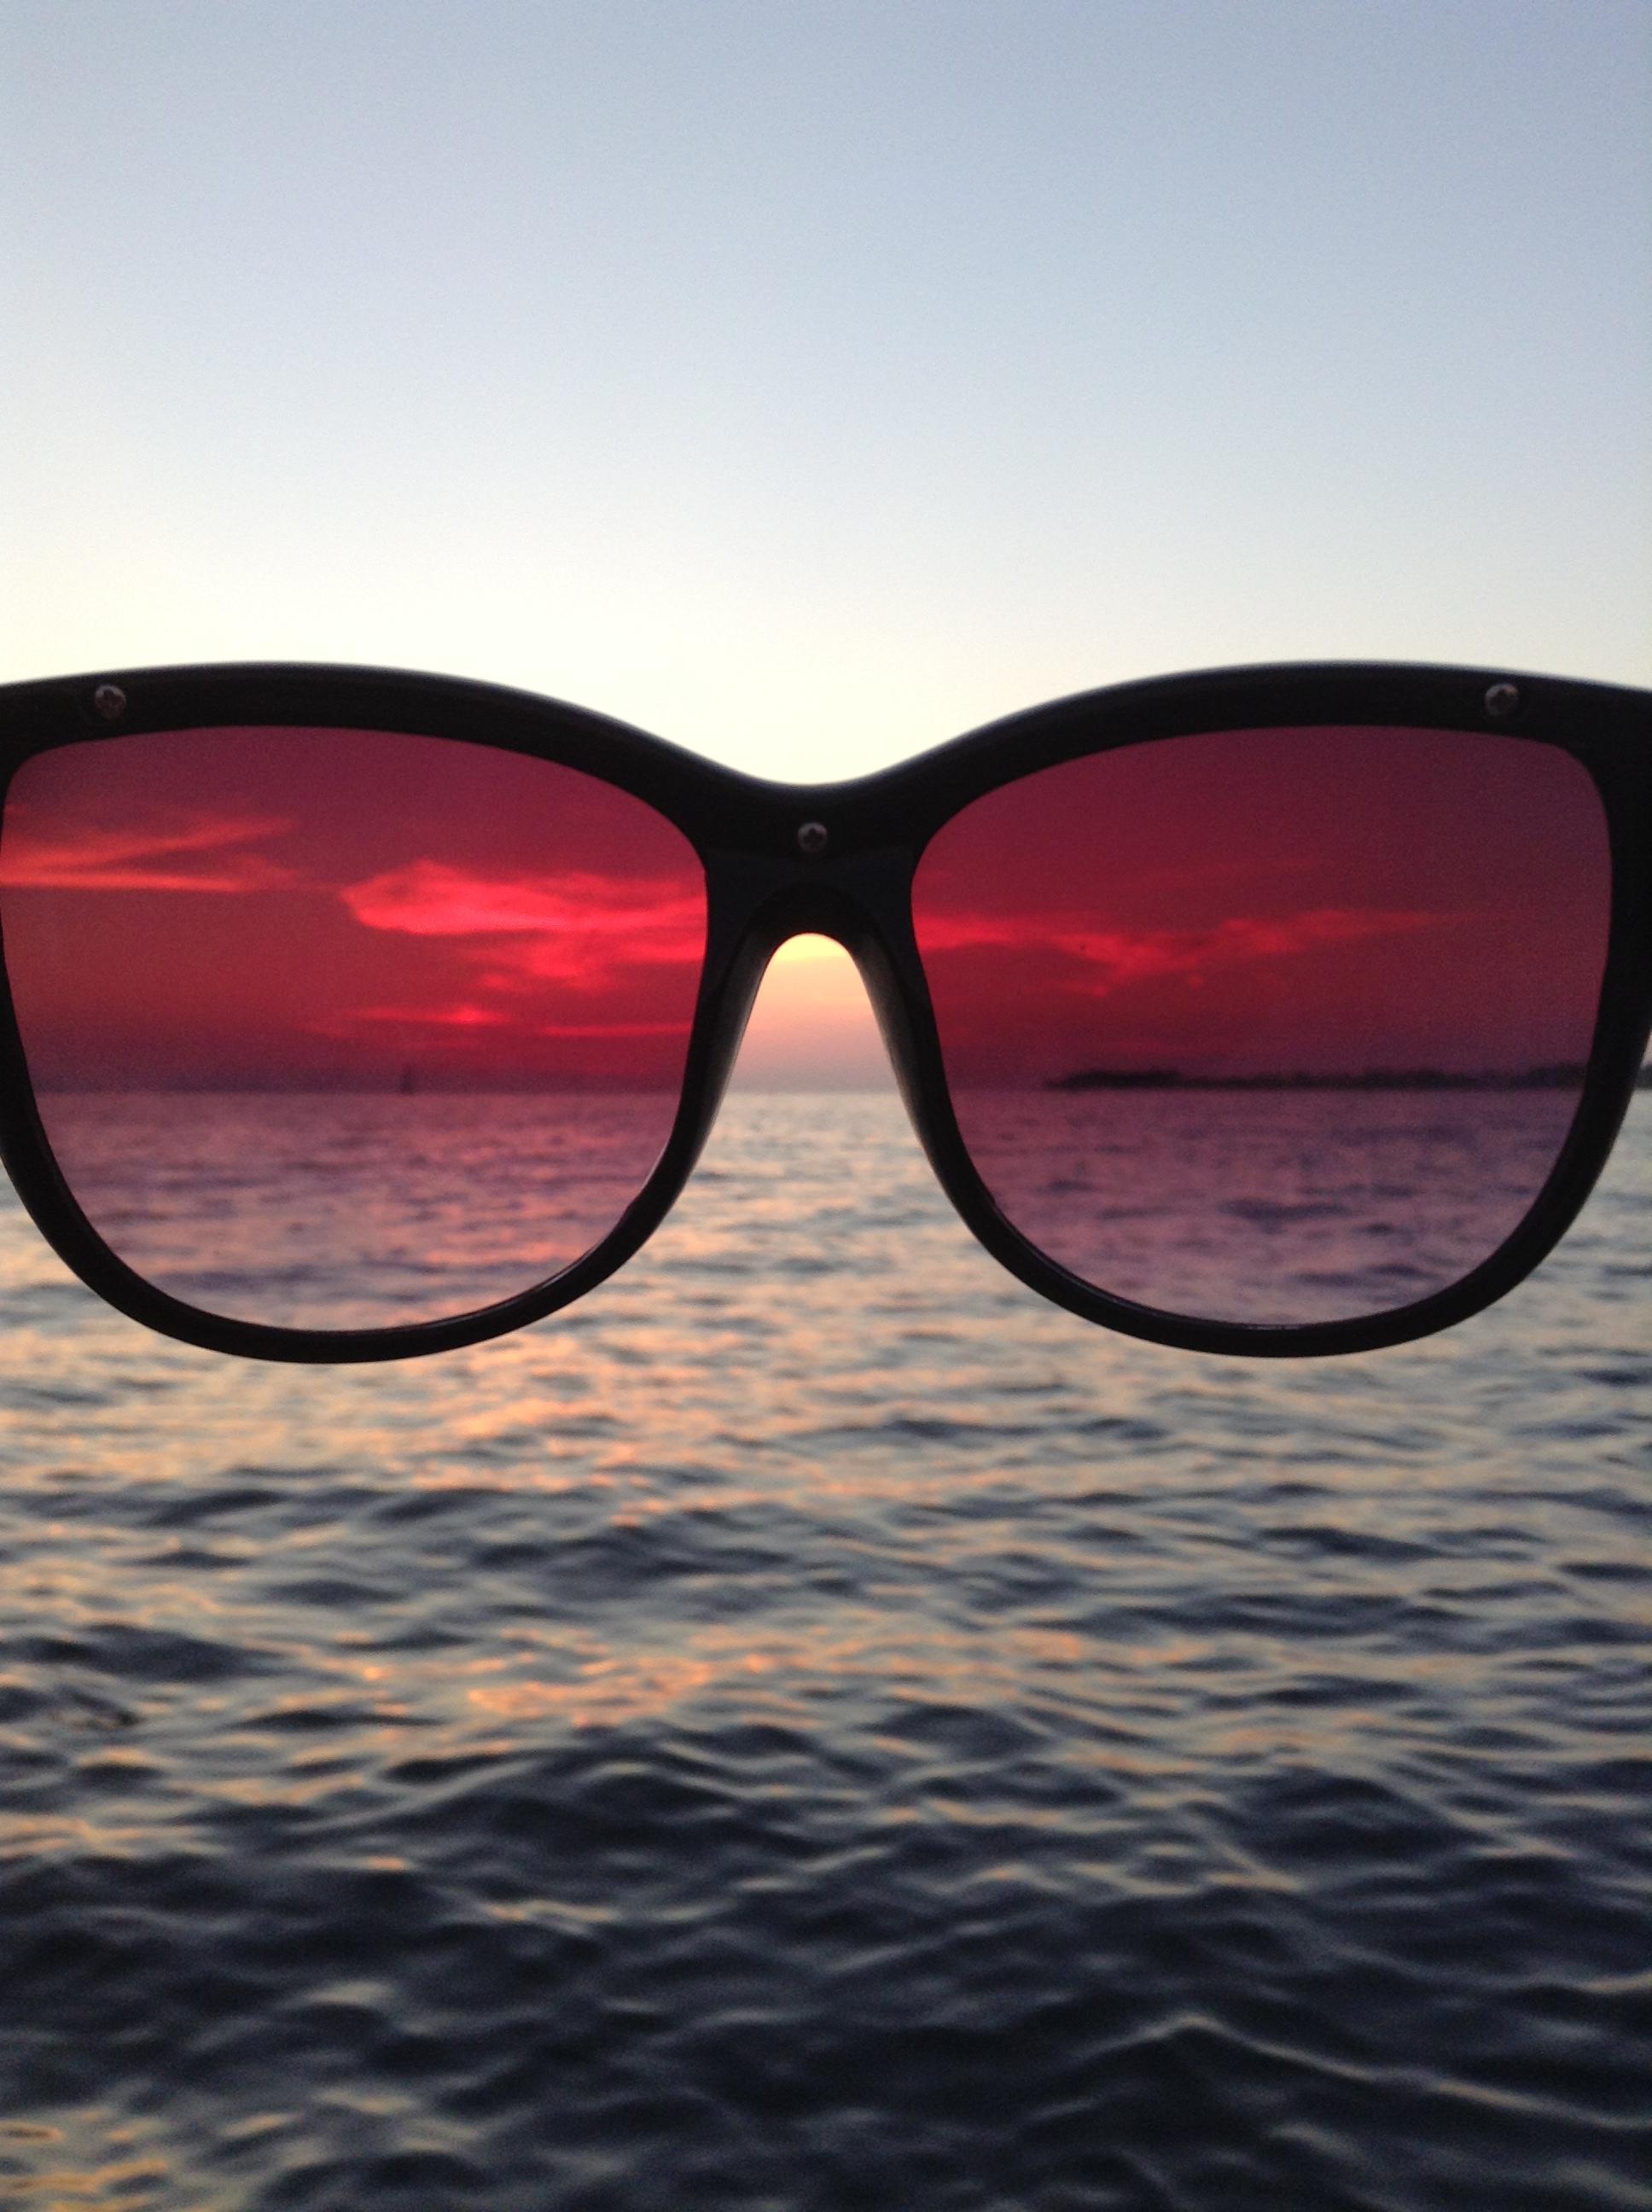 Zadar Through Rose Colored Glasses in Croatia